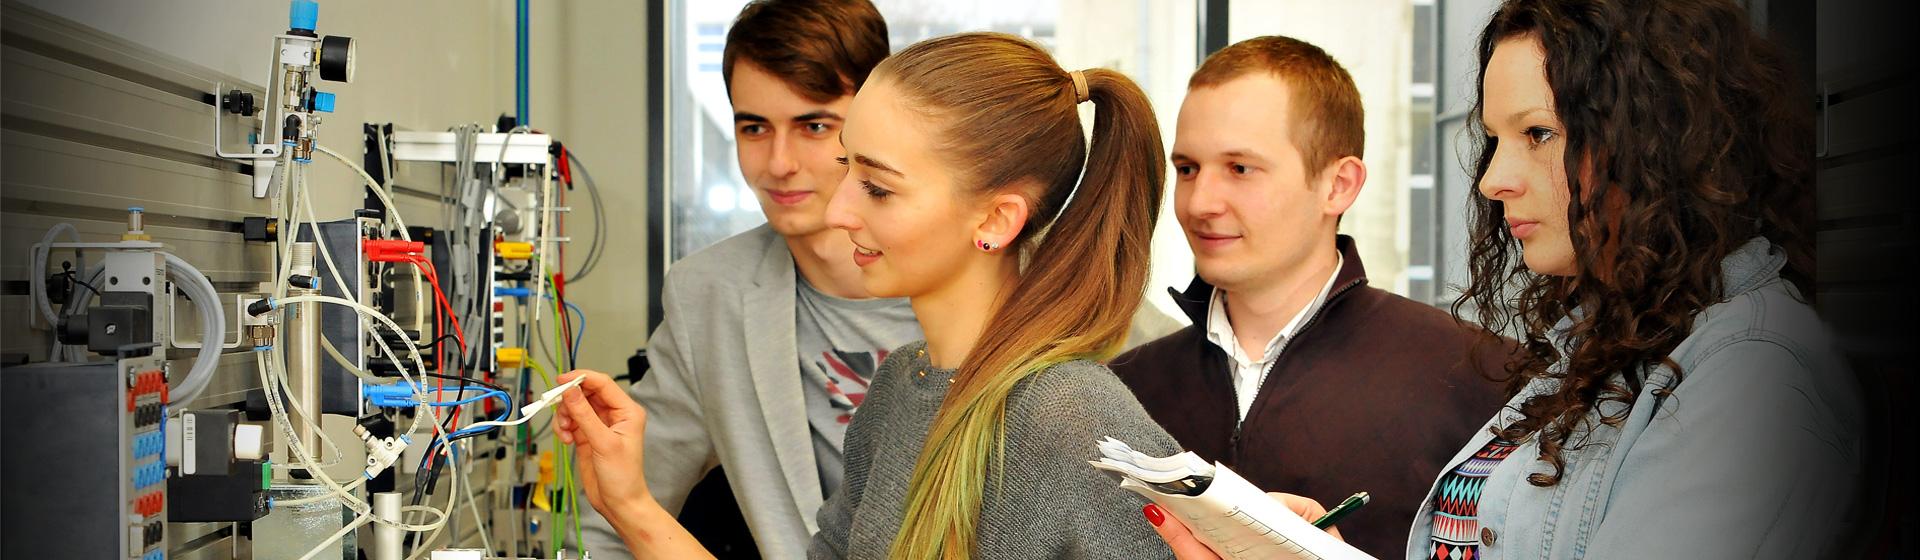 Inzynieria materialowa na Politechnice Łódzkiej